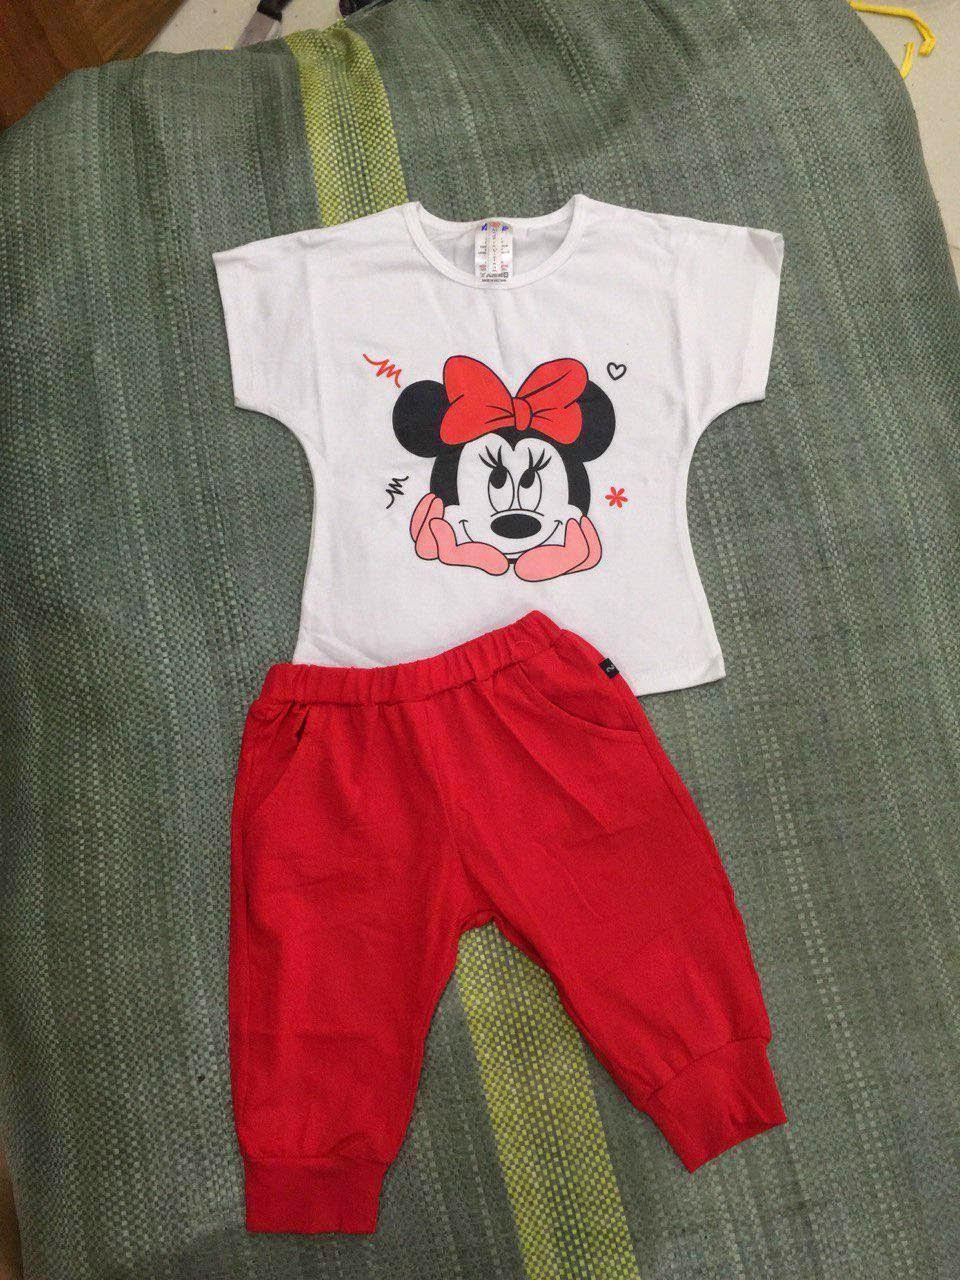 [Chia sẻ]-Chuyên bán buôn quần áo trẻ em rẻ, đẹp - LH: 0932358189 - Hương 11046079_1429077530724244_1933996433_o